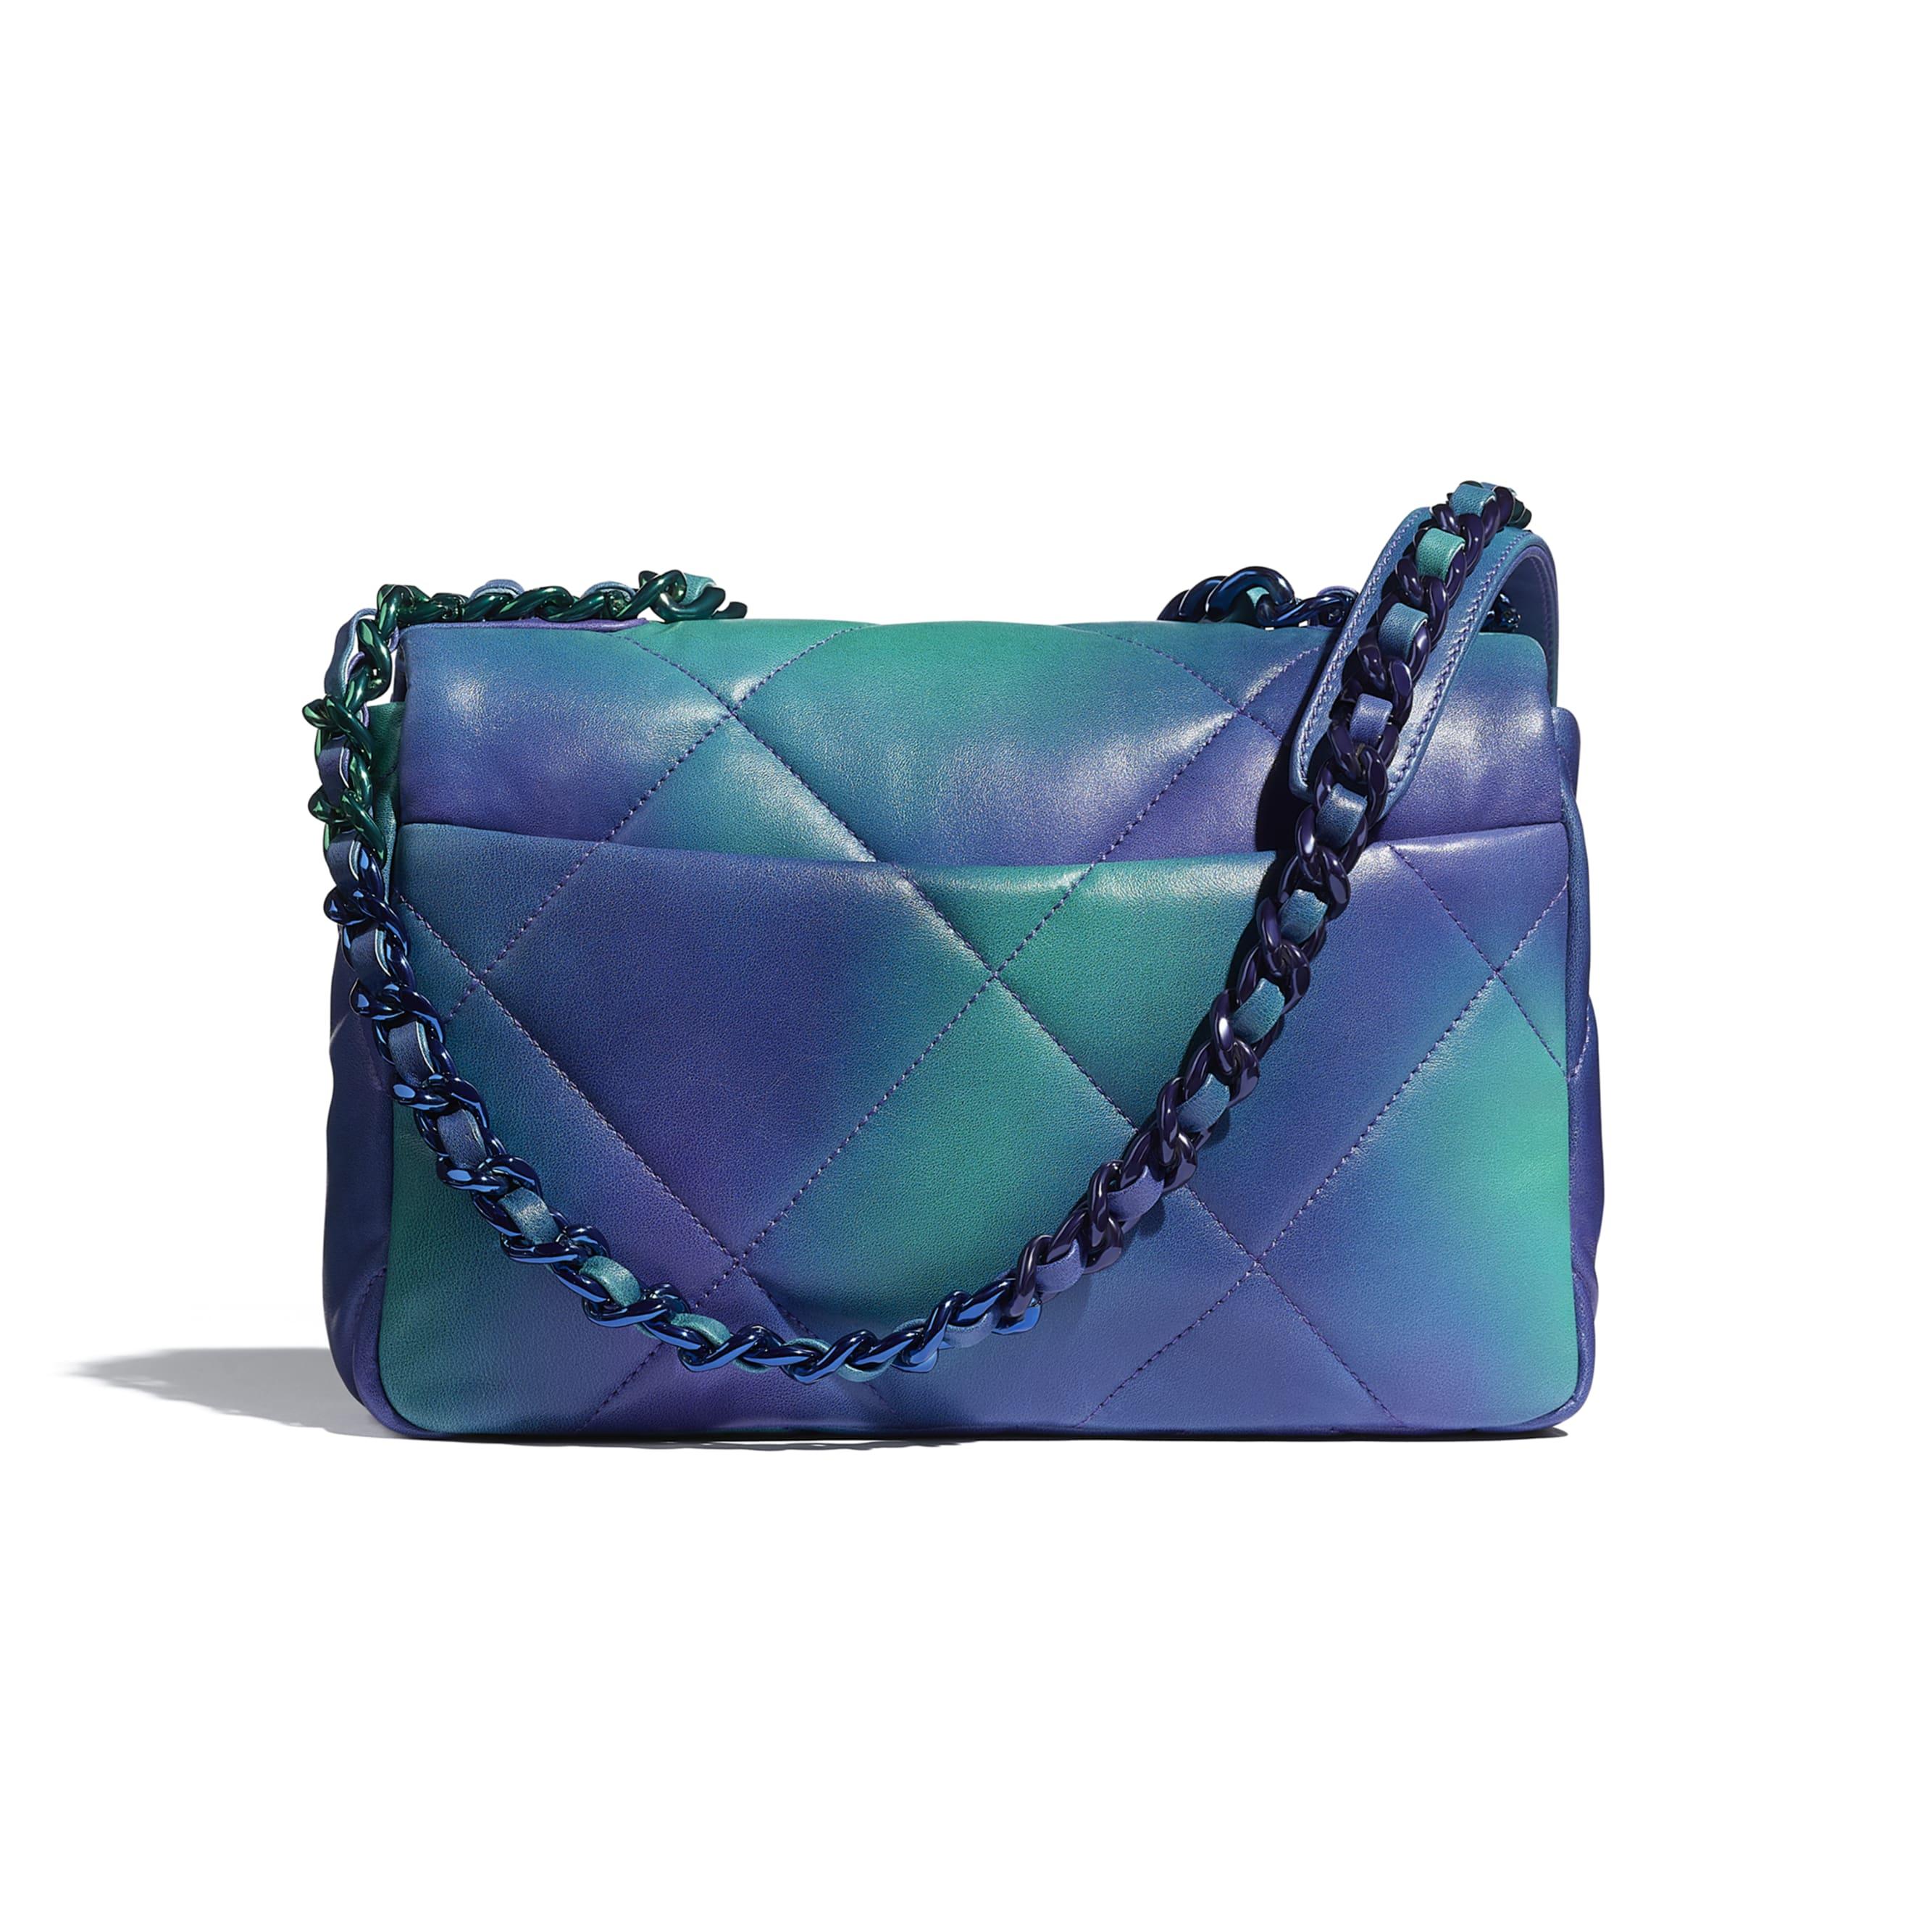 Borsa CHANEL 19 - Blu & viola - Pelle tie and dye & metallo laccato - CHANEL - Immagine diversa - vedere versione standard